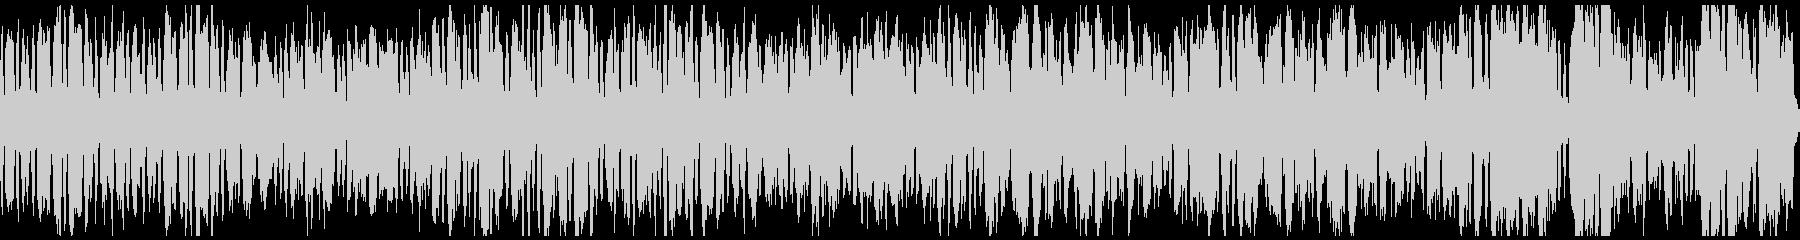 軽快な金管五重奏・ループの未再生の波形